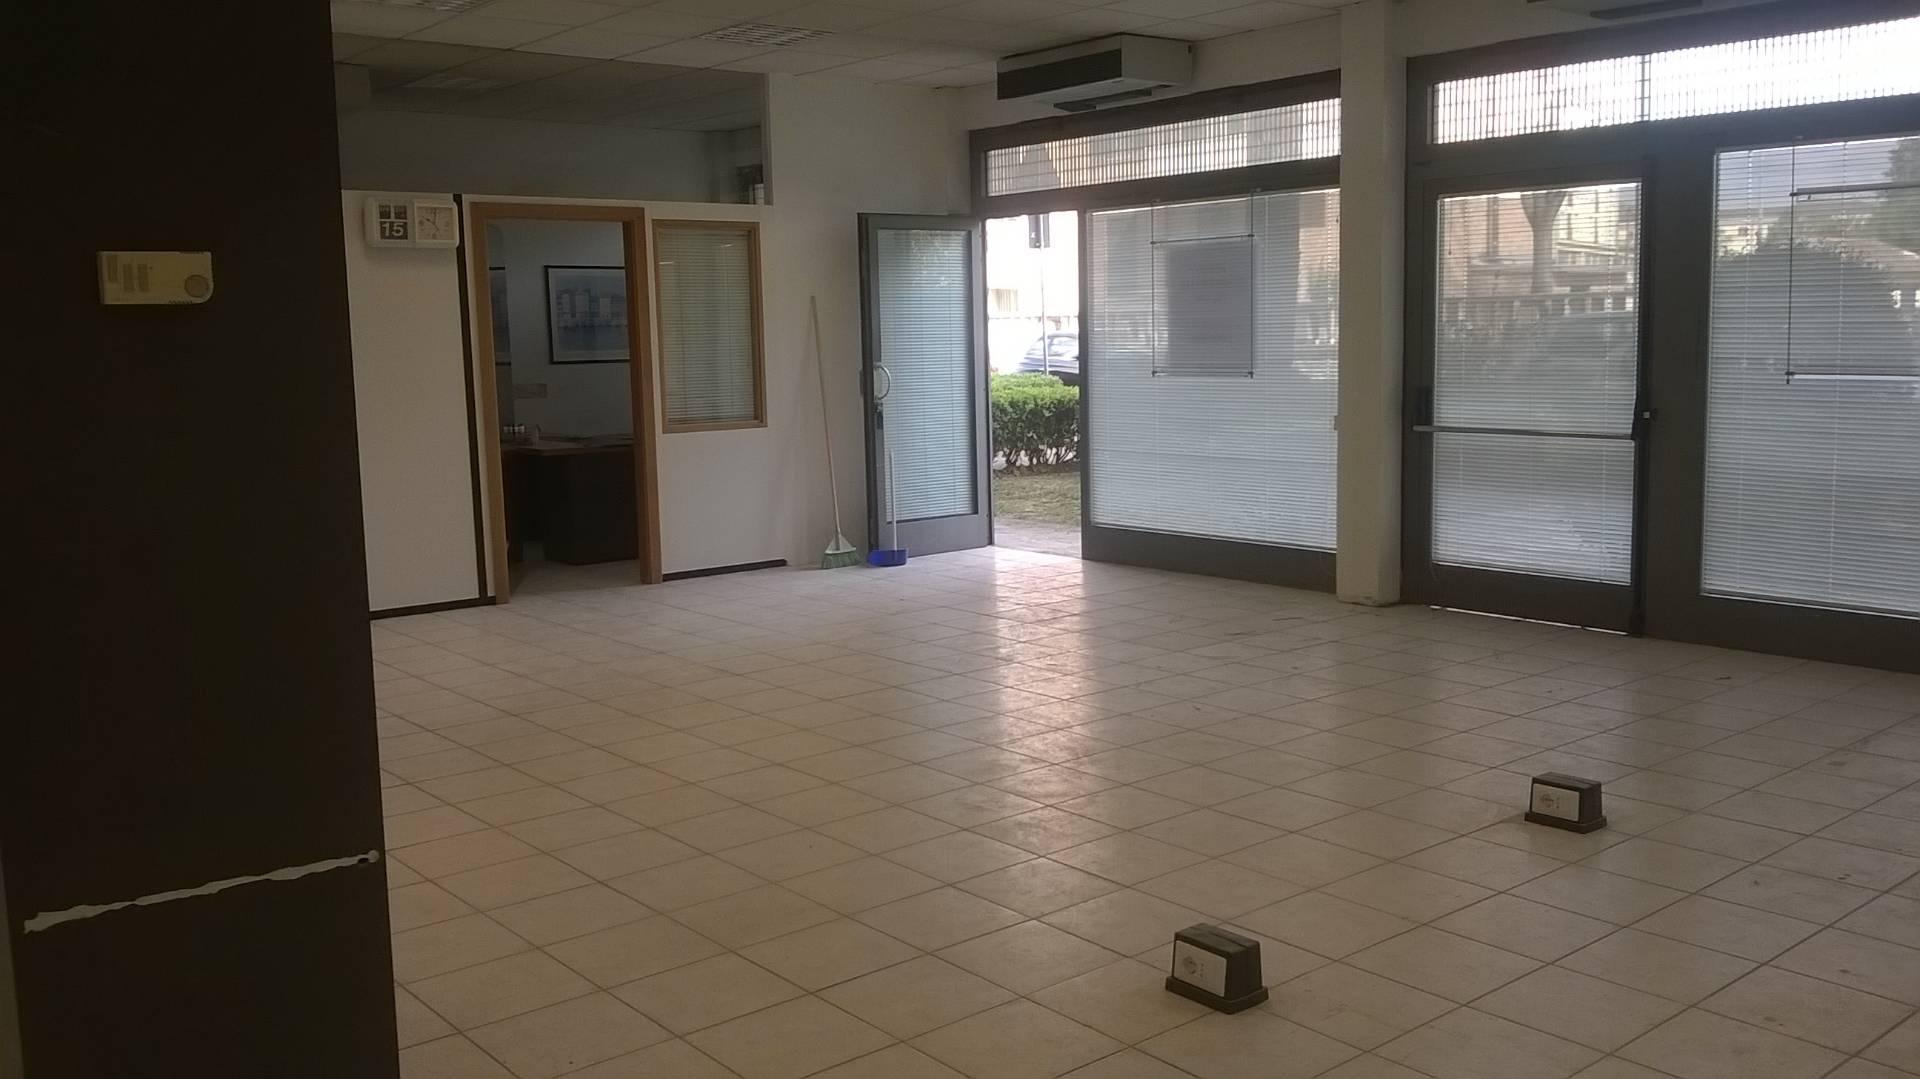 Attività / Licenza in affitto a Empoli, 9999 locali, zona Località: Ponzano, prezzo € 1.400 | Cambio Casa.it